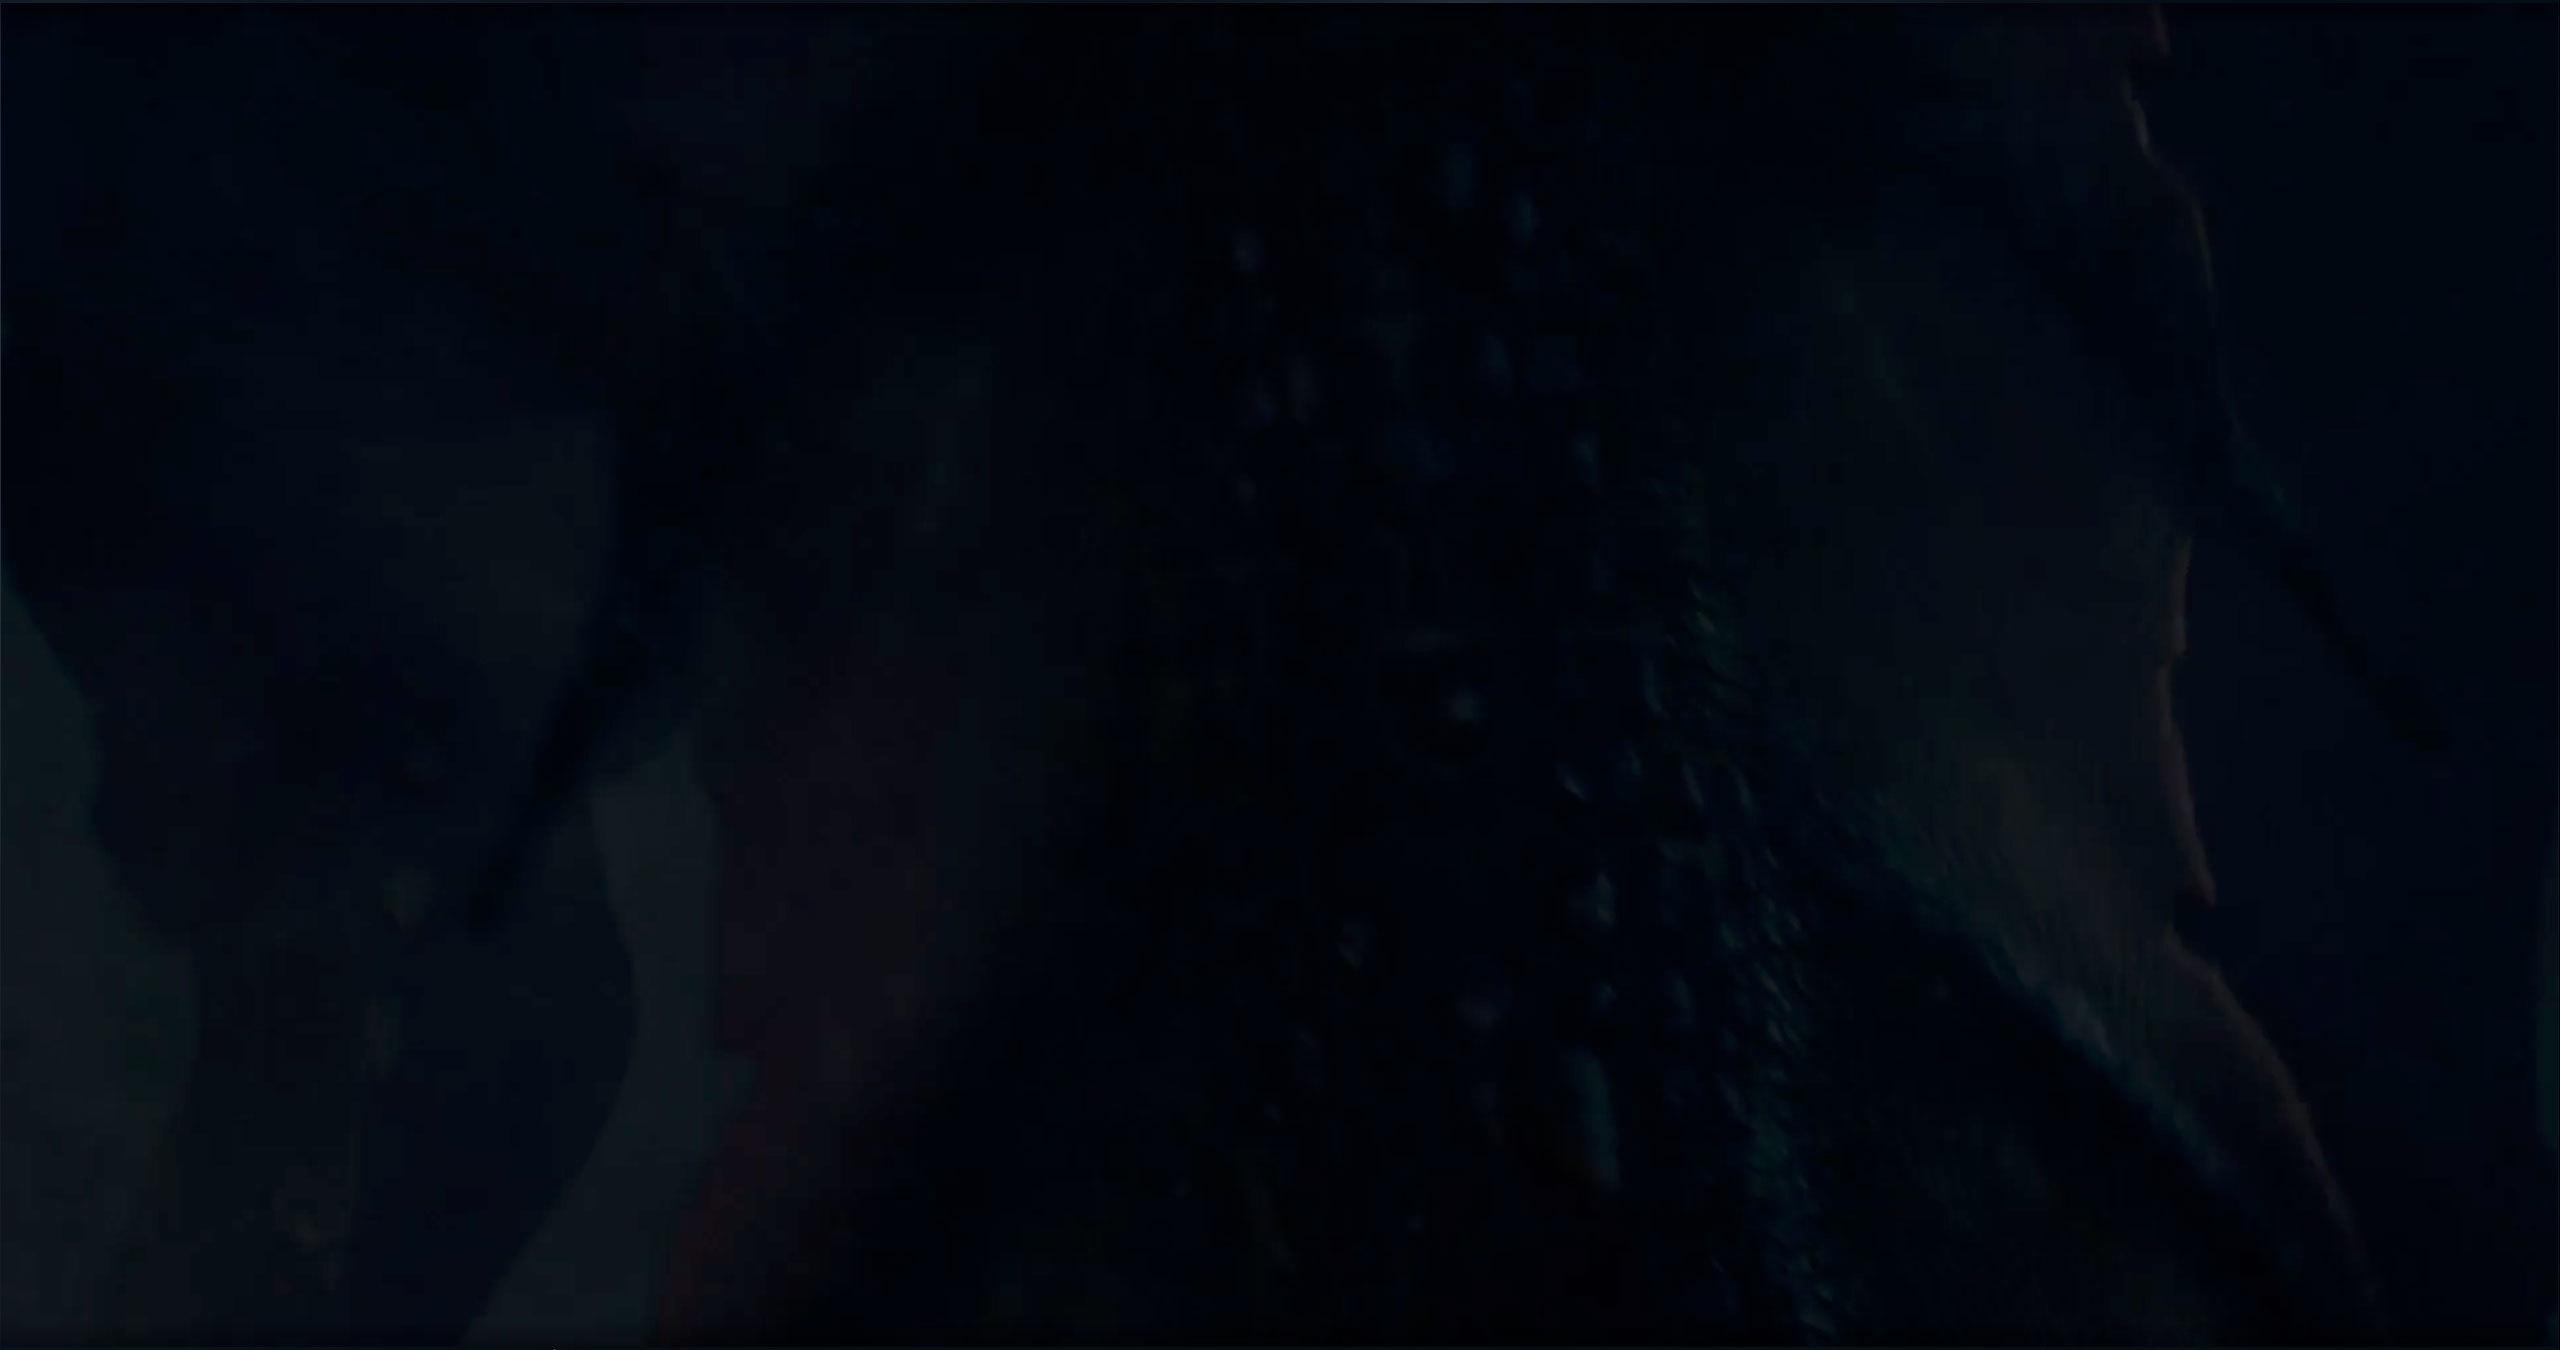 Skjermbilde fra Game of Thrones. Spesielt siste sesong fikk mye kritikk for å ha mange scener i mørket hvor man så vidt kunne se hva som skjedde. Her fra en kampscene i episode tre.